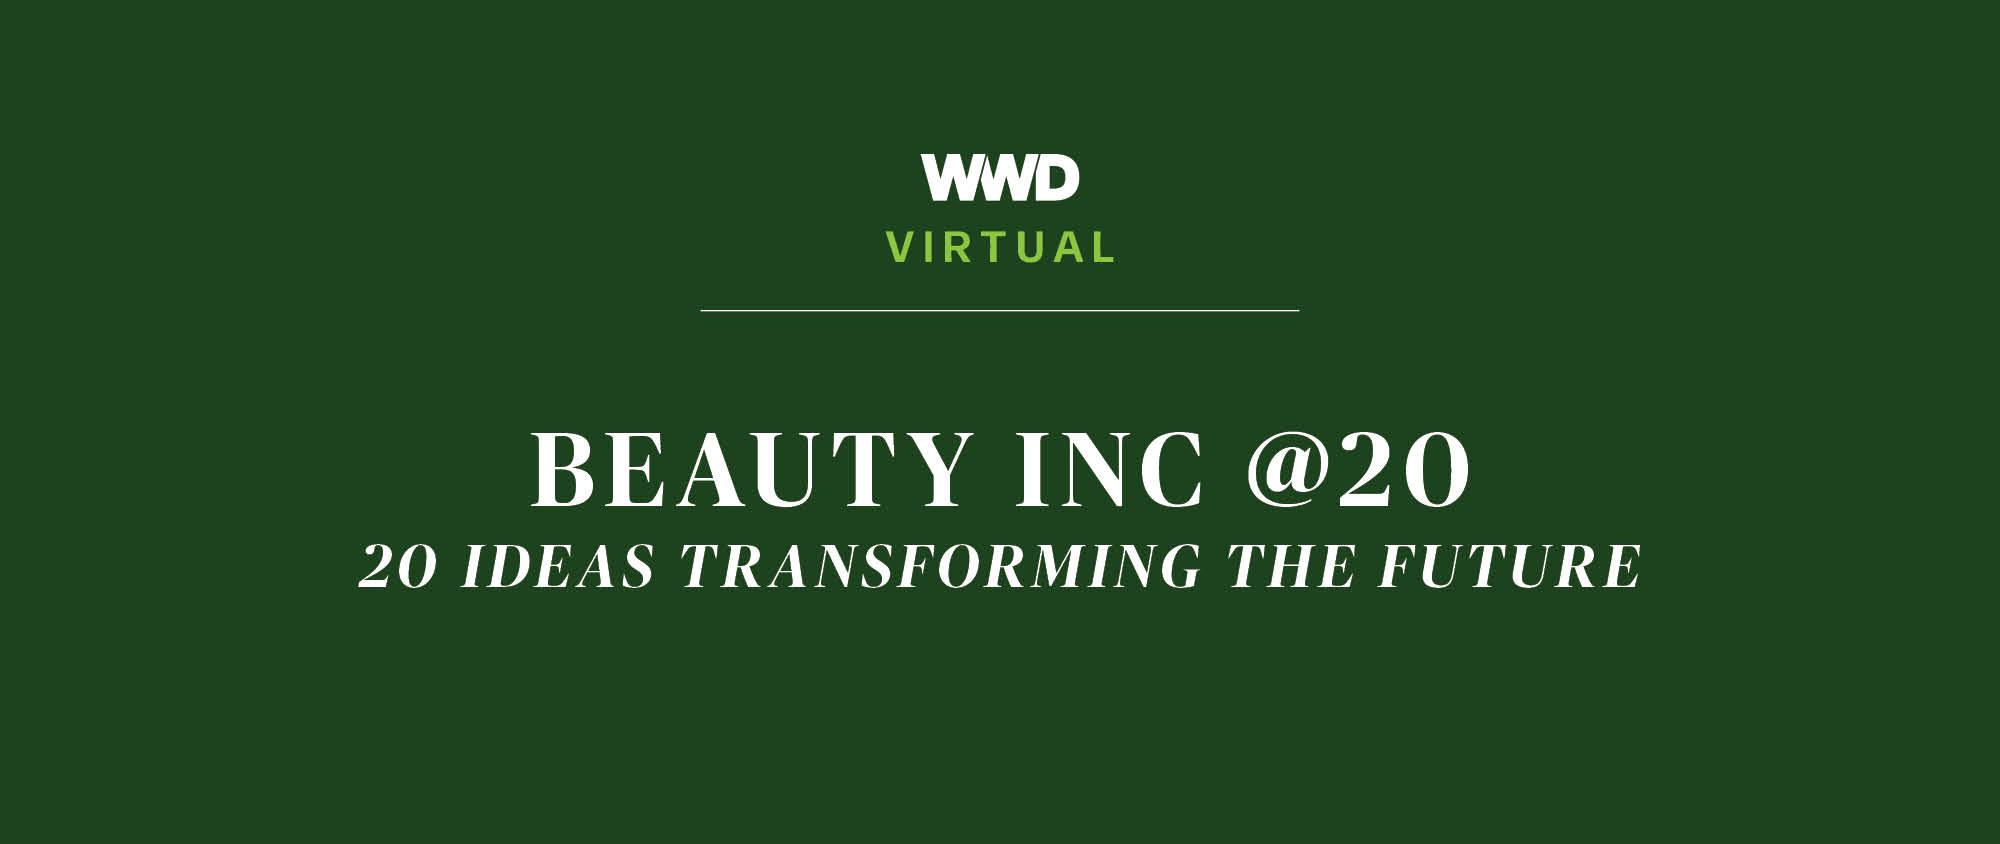 WWD_VIRTUAL_BEAUTY-INC-@20